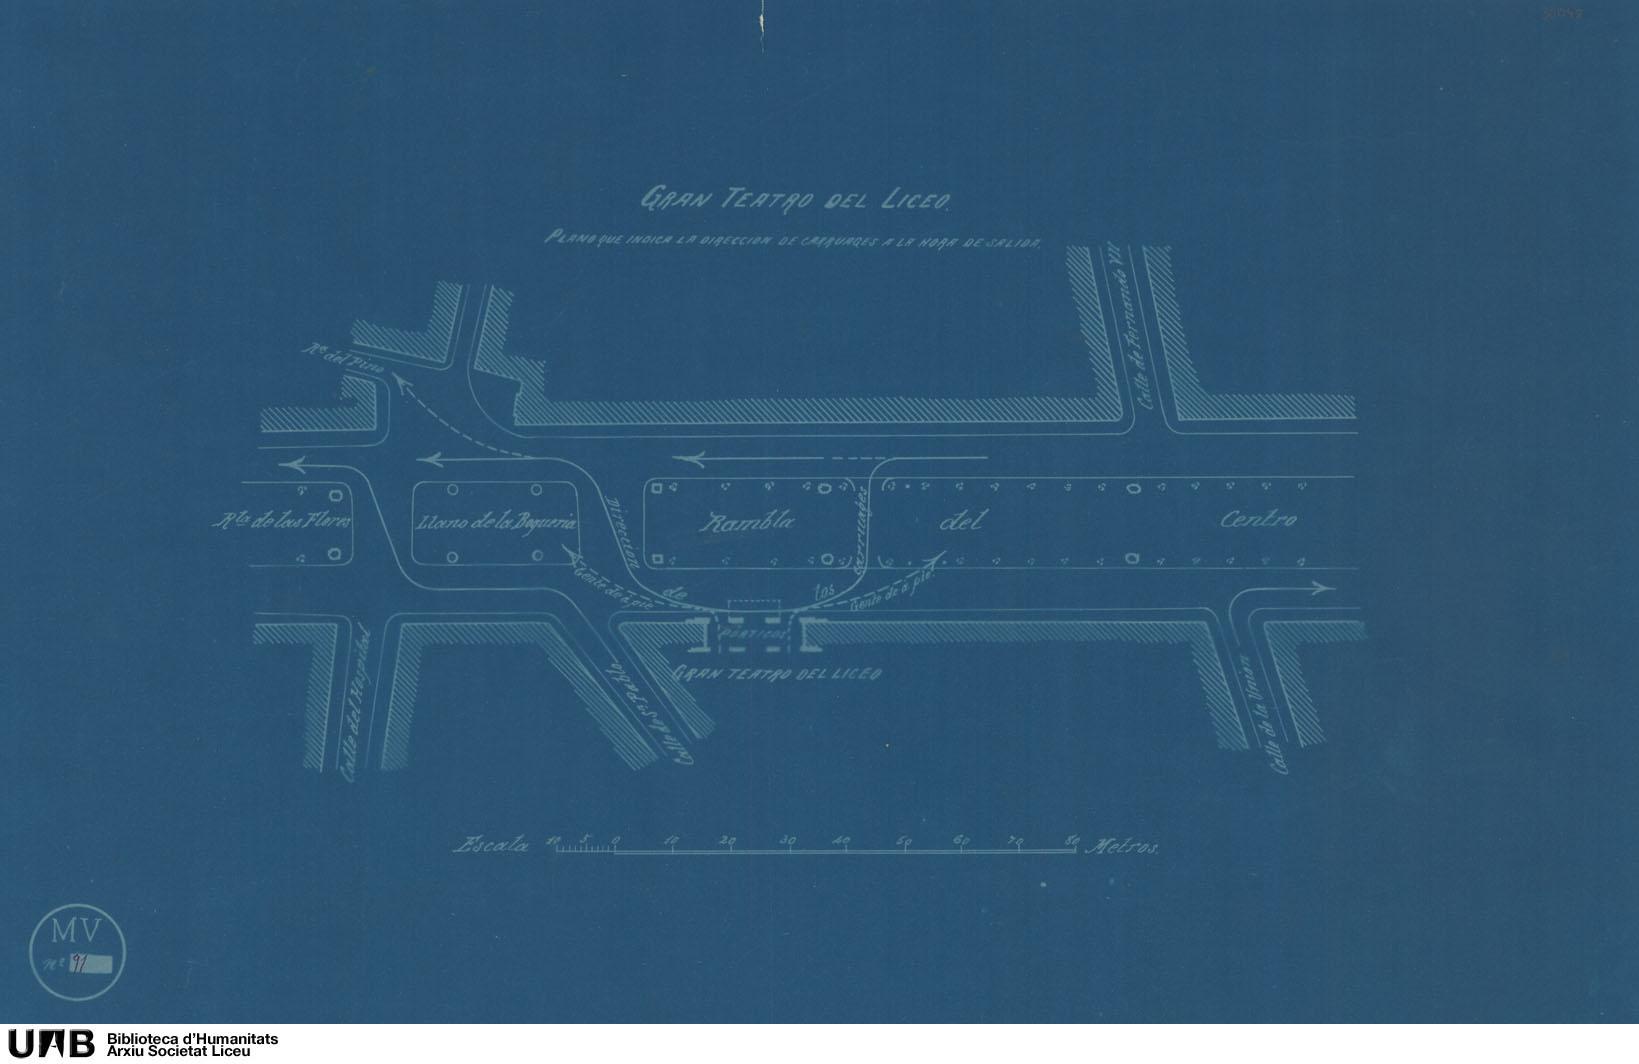 Plano que indica la dirección de carruajes a la hora de salida